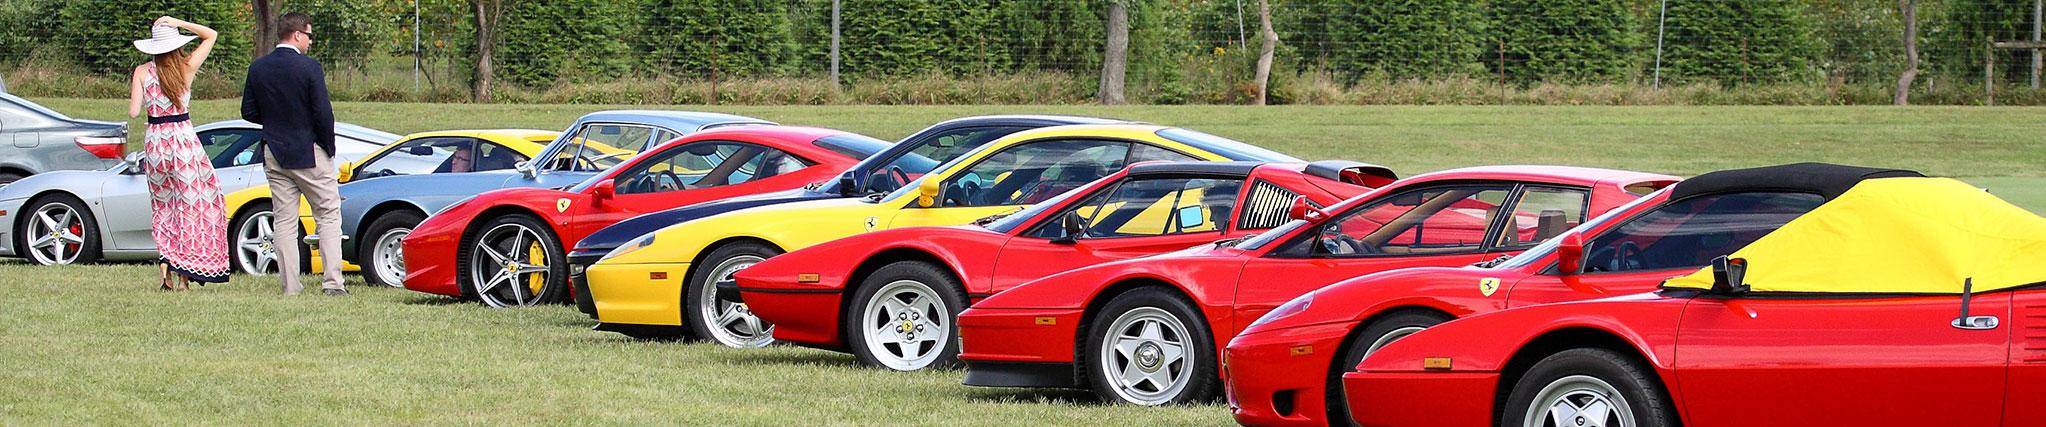 Elegant Ferrari Club Of America, Mid Atlantic Region